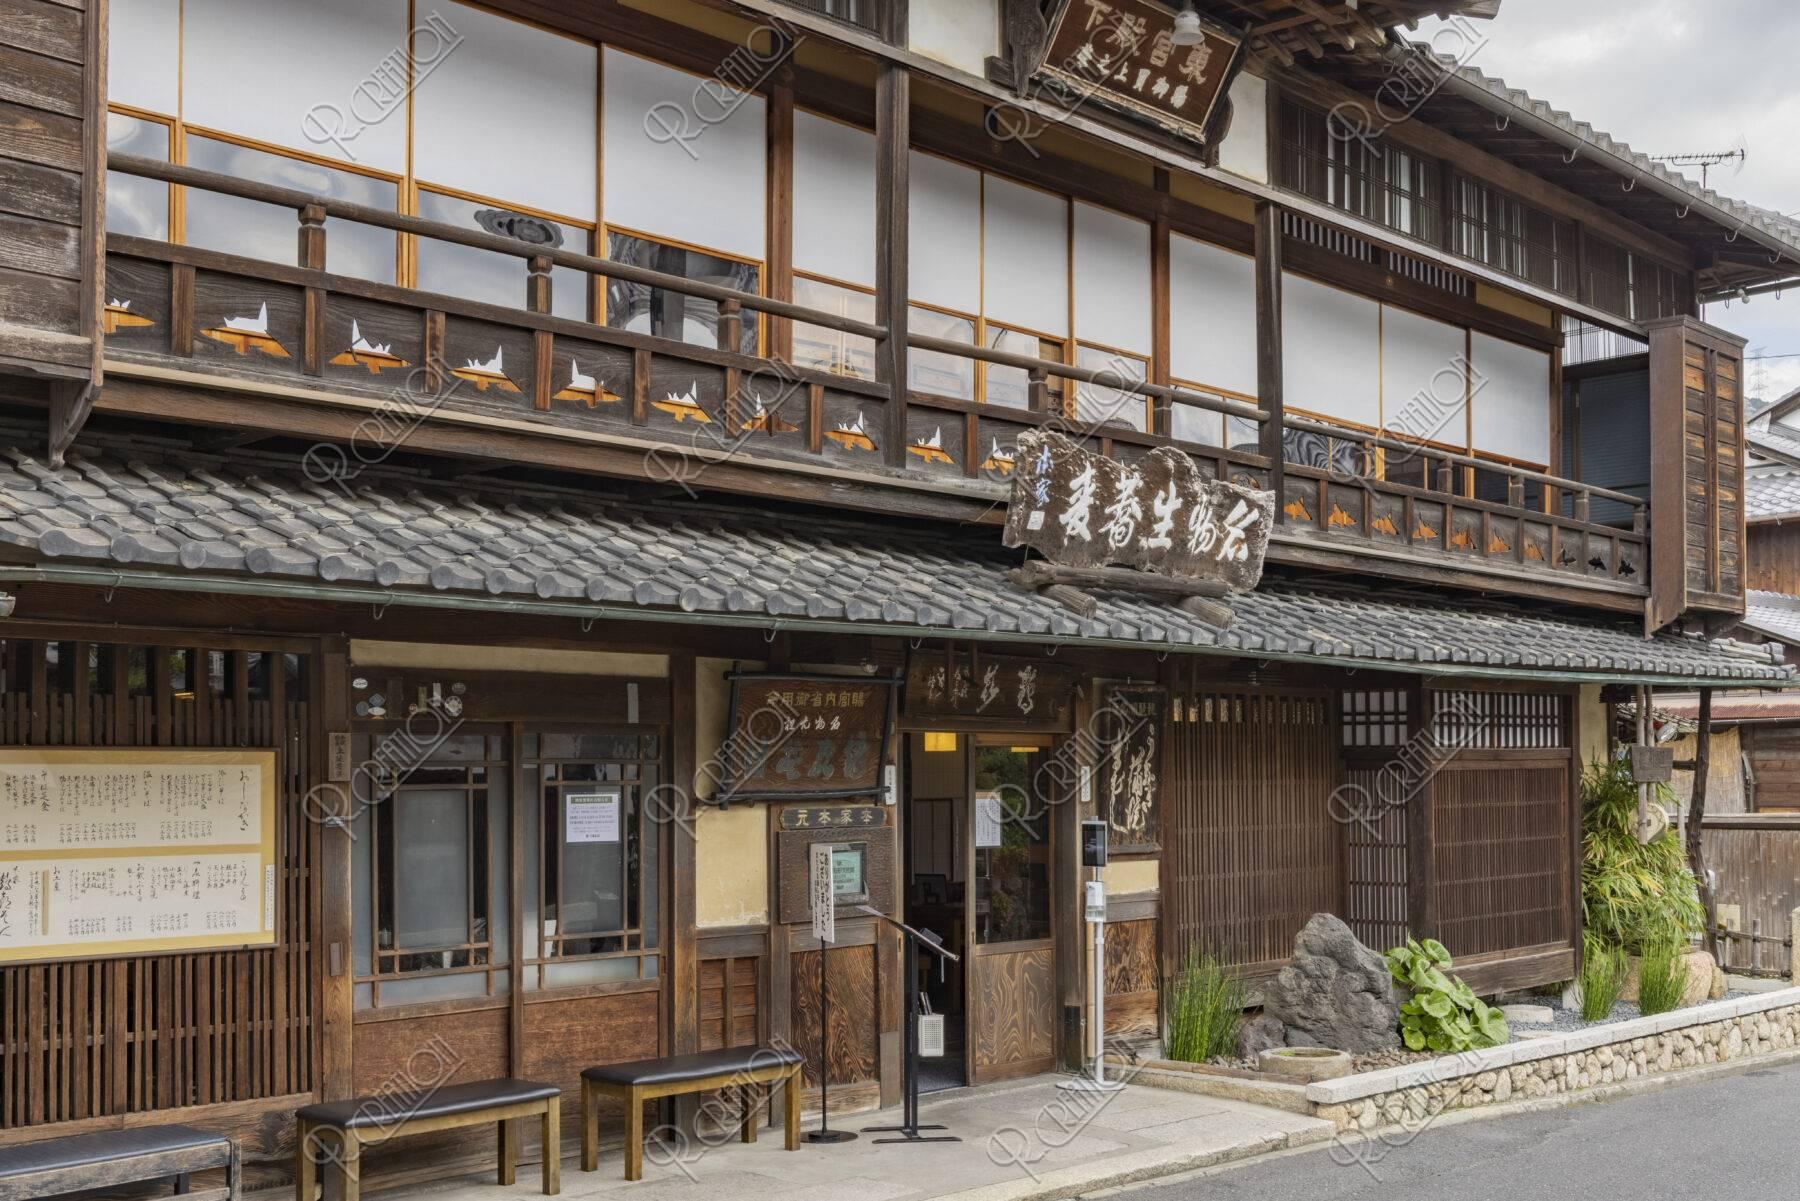 鶴喜蕎麦屋